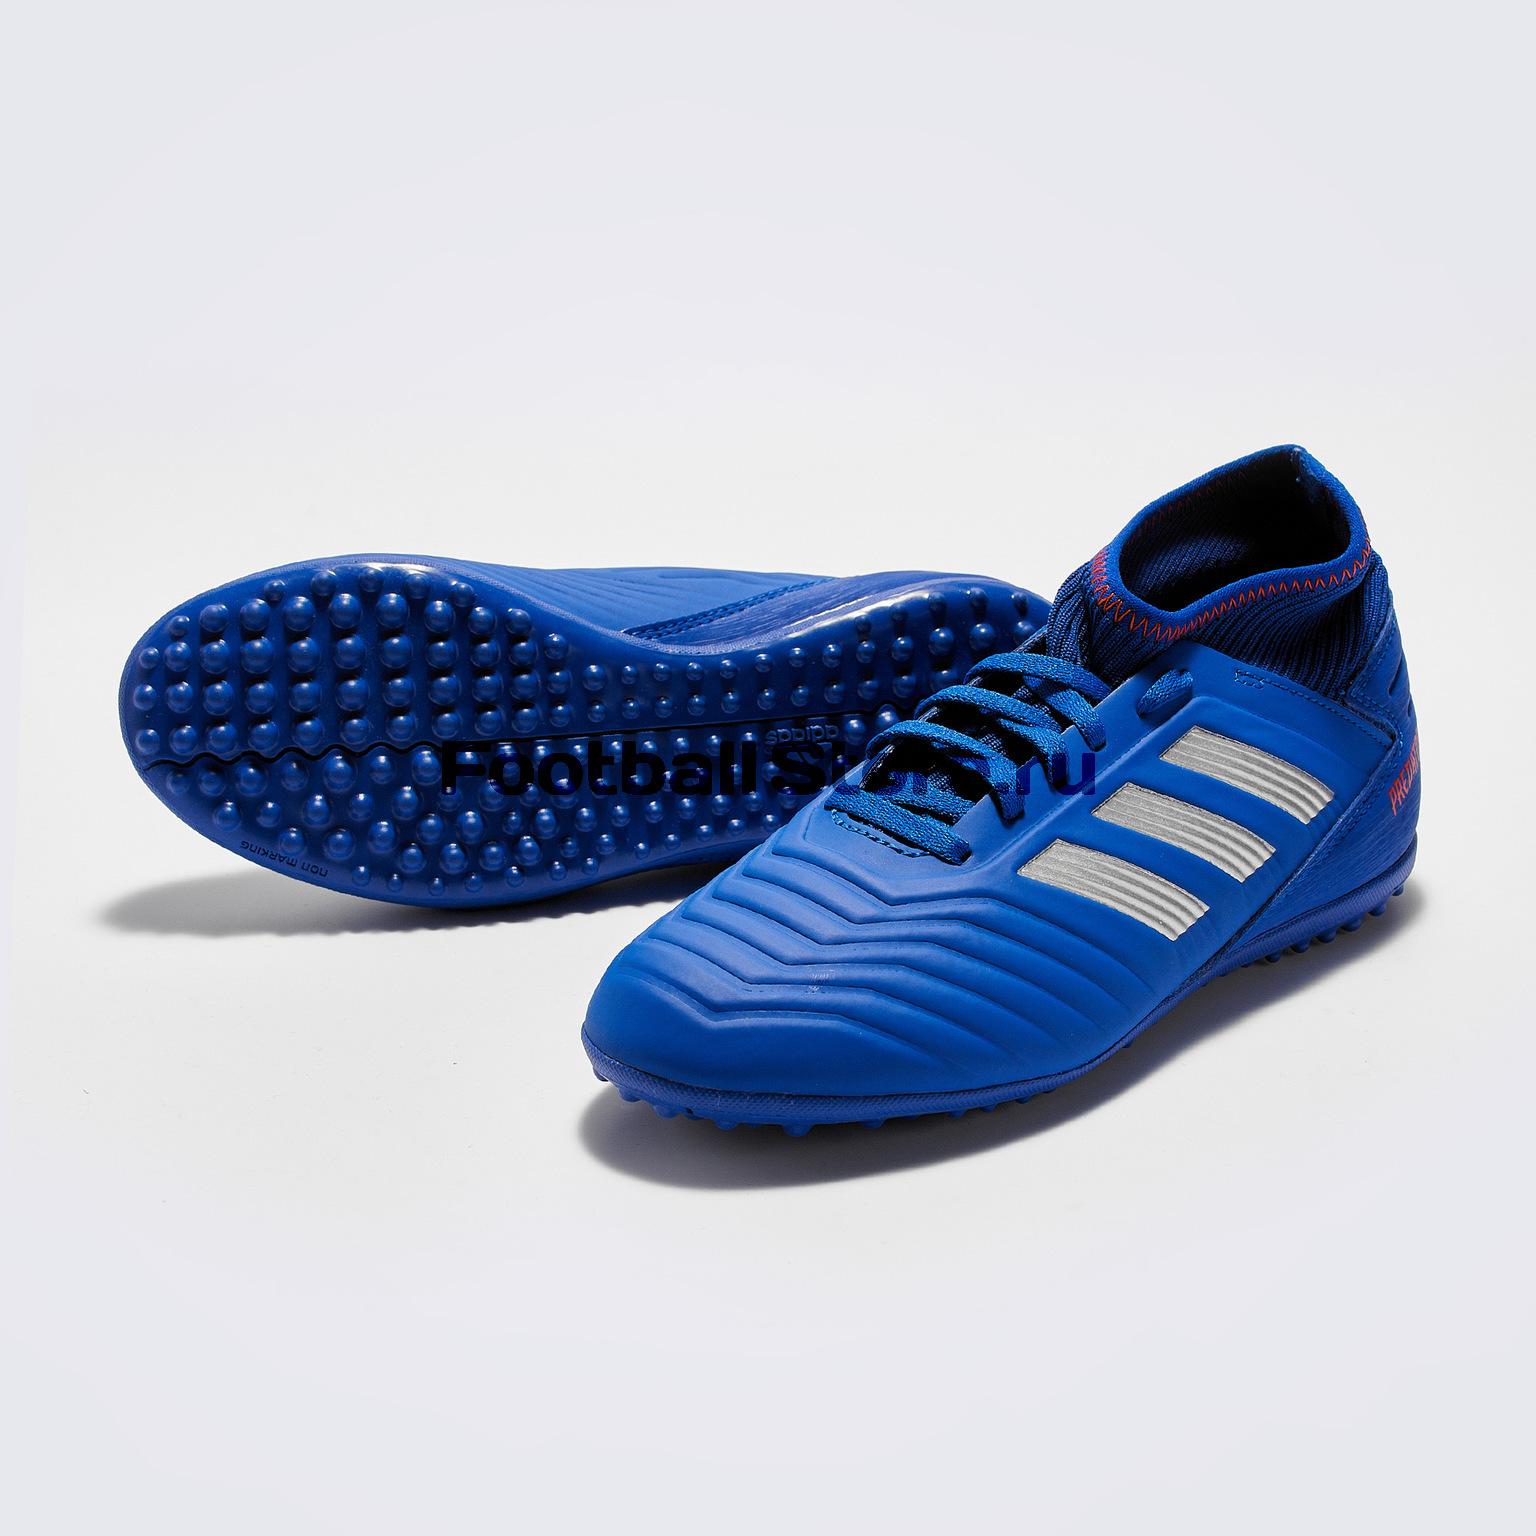 цена Шиповки детские Adidas Predator 19.3 TF CM8546